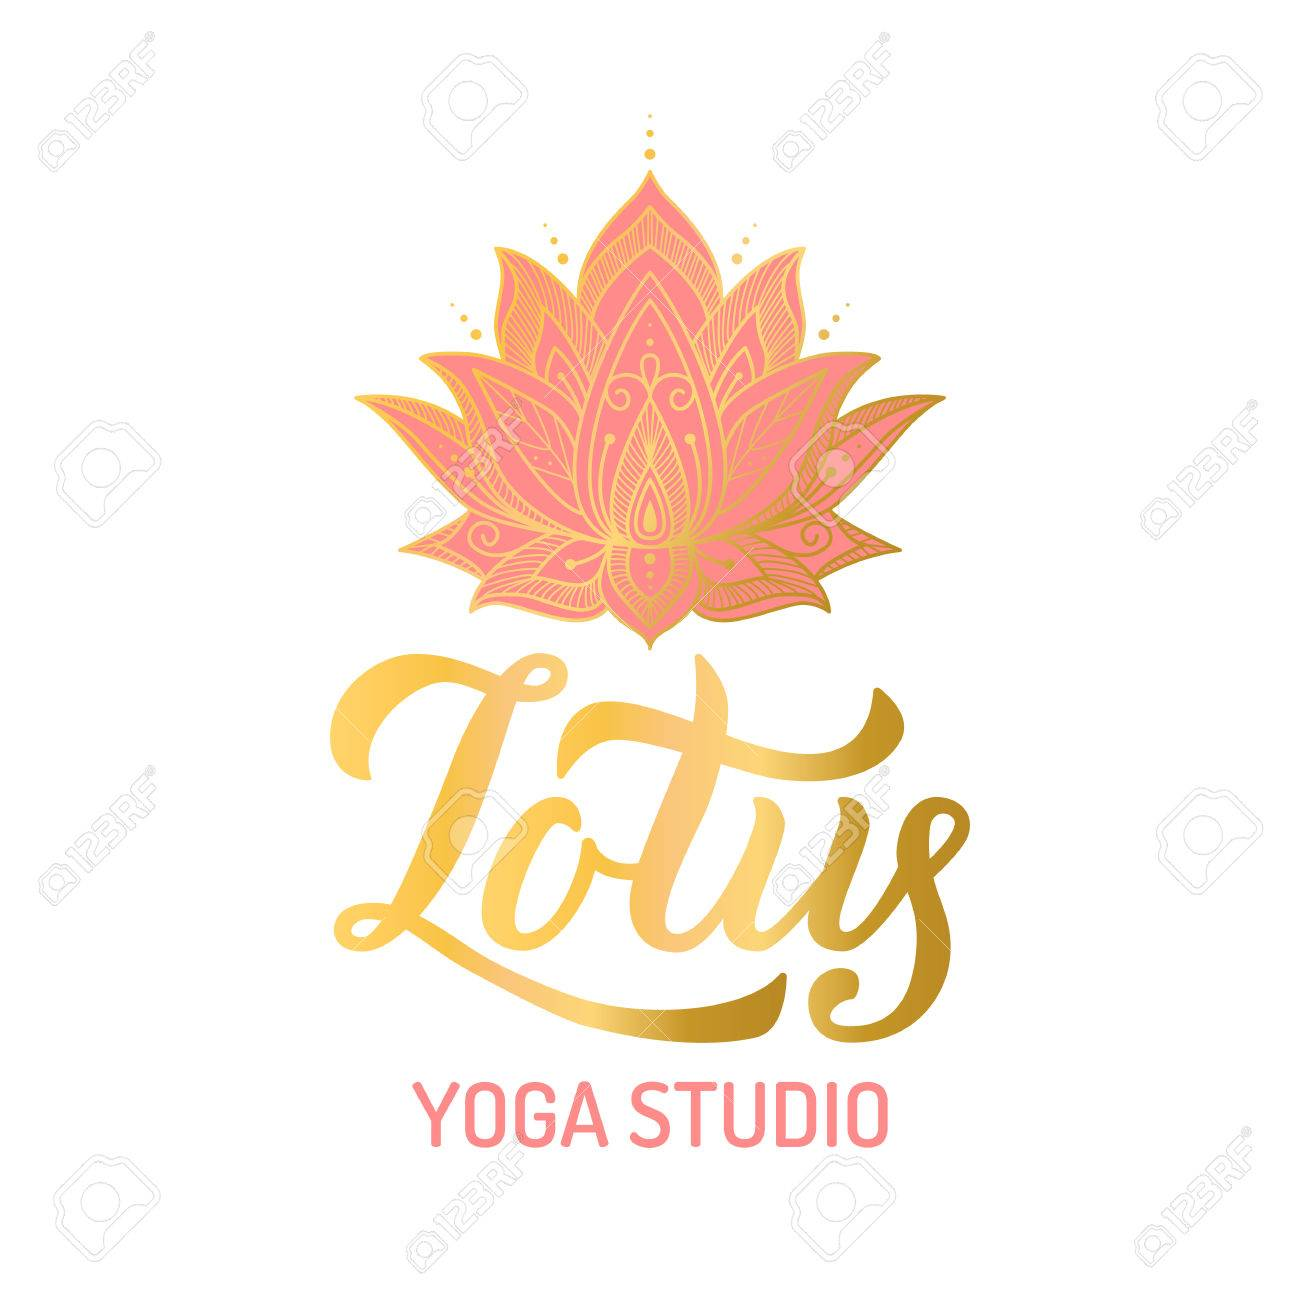 Foto de archivo - Mano letras dorado logo para estudio de yoga. Flor de  loto con elementos de pinta. Ilustración vectorial aa1d4d332eec